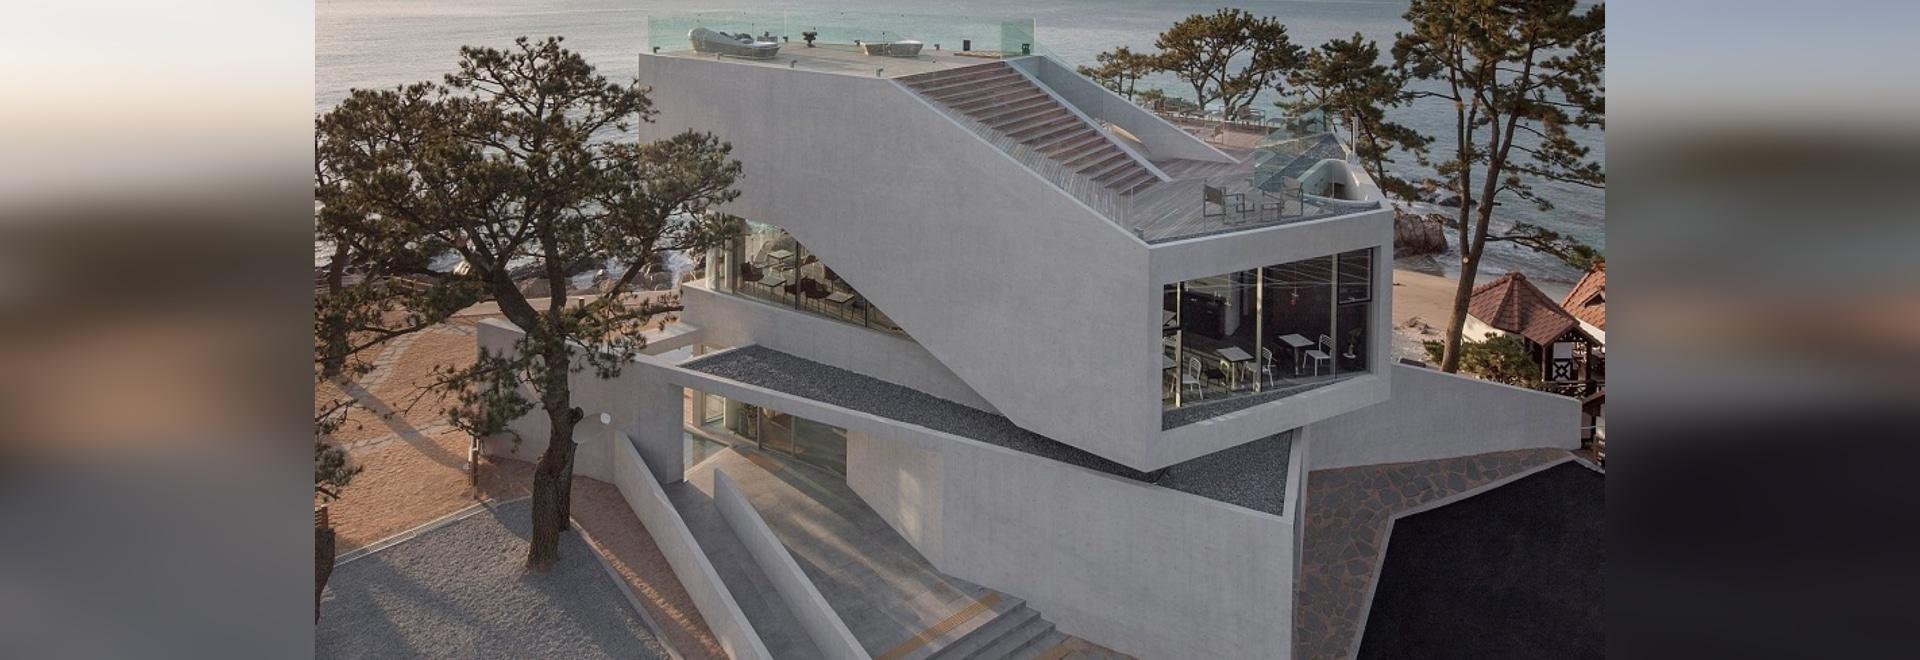 Cortesía de los arquitectos de IDMM